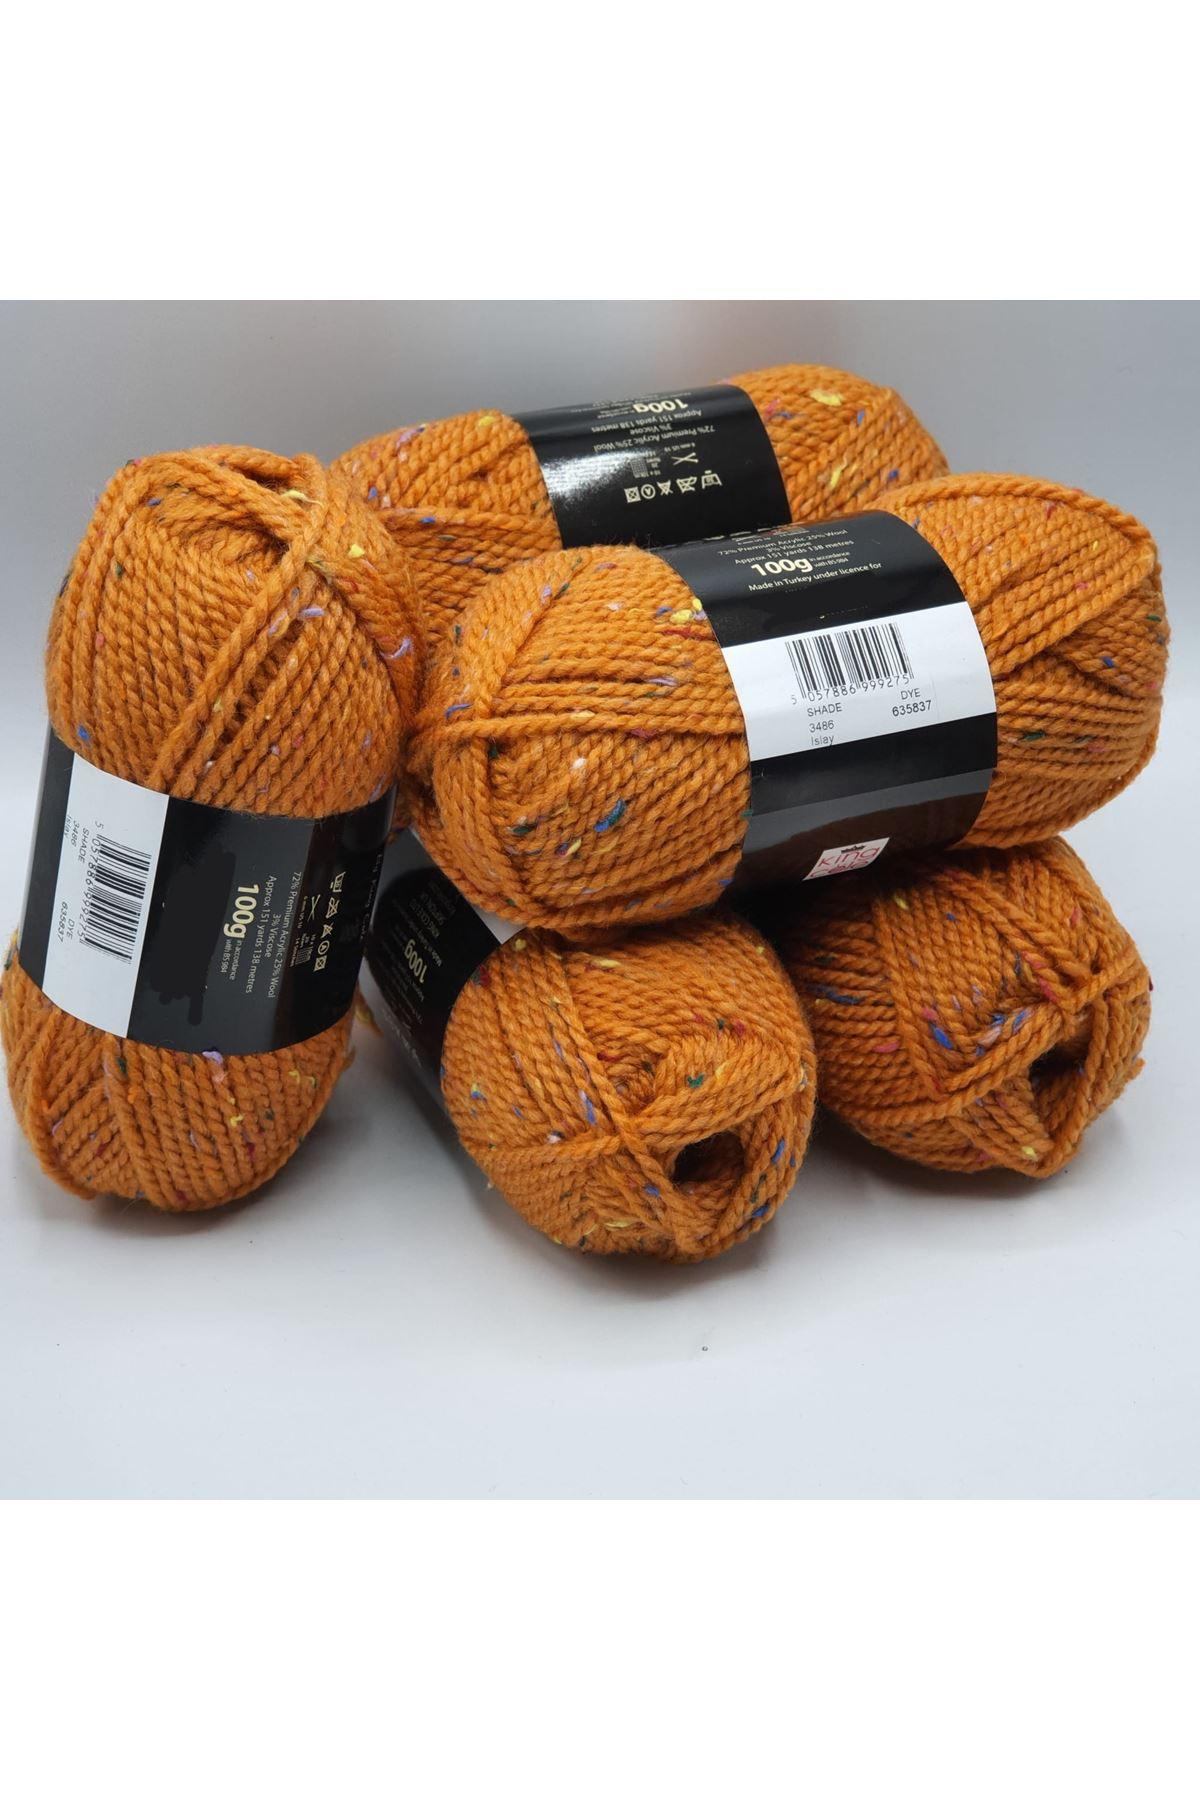 İhrac Fazlası 5'li Paket Yünlü Tweed Turuncu 301